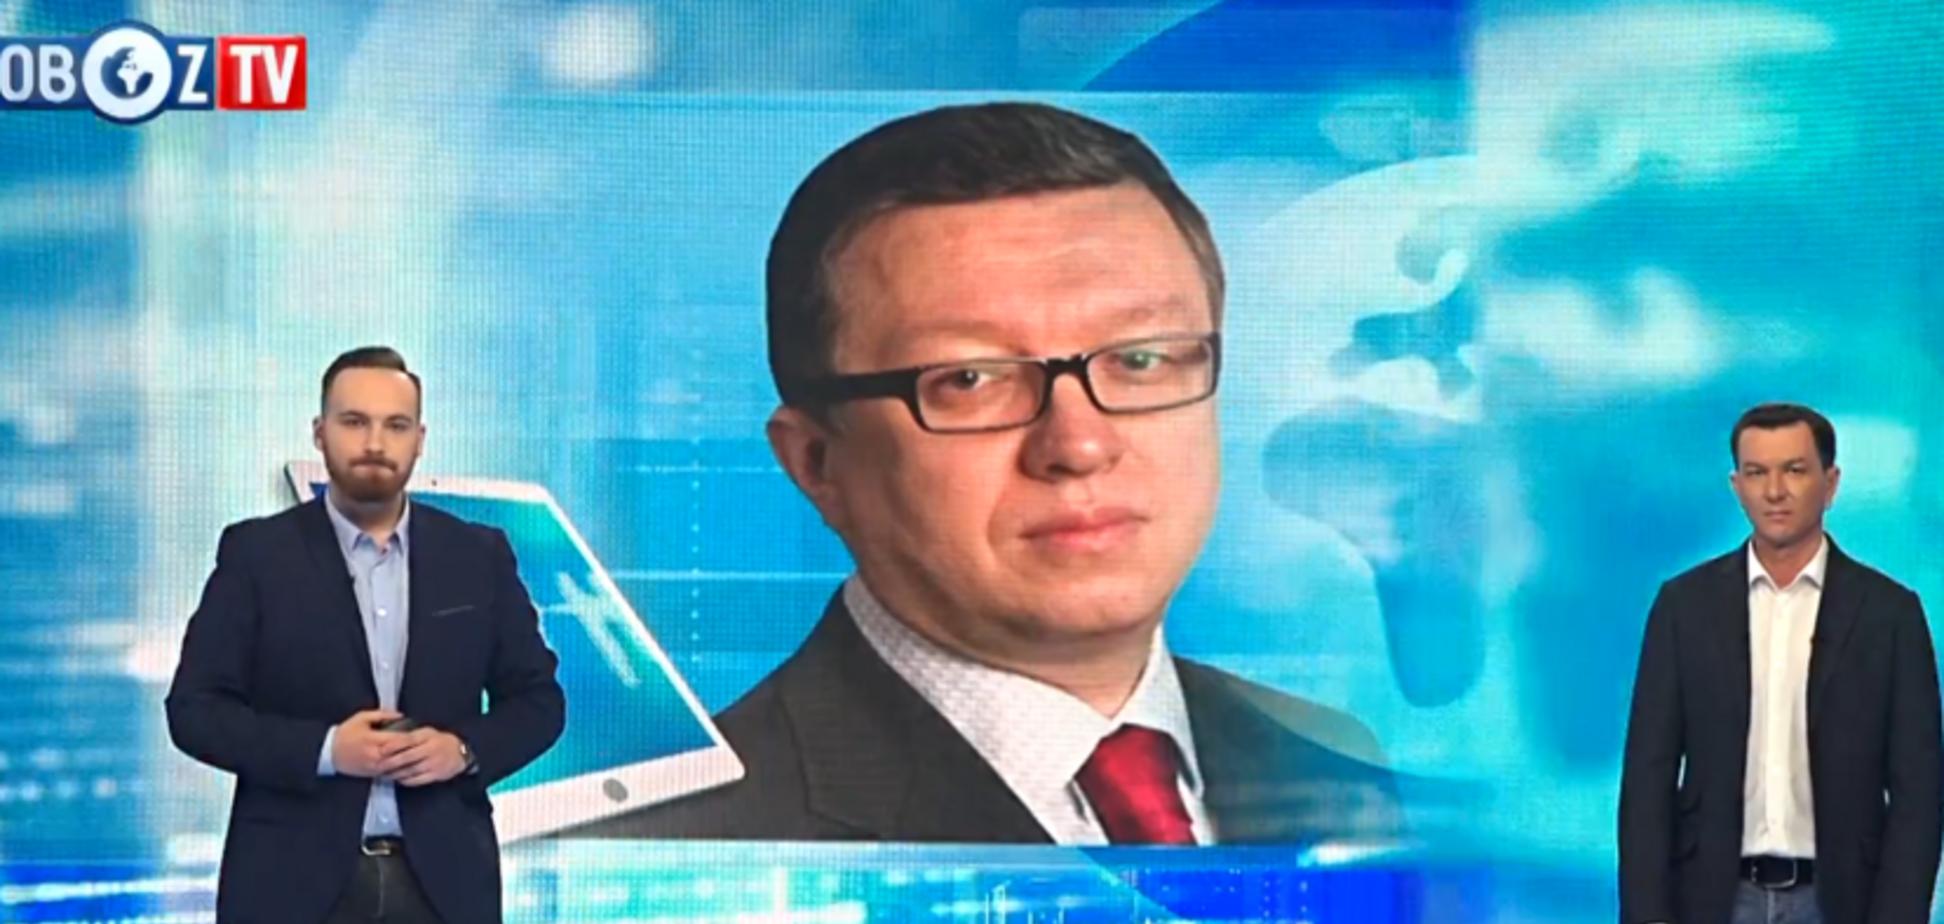 Долар дорожчає через заяви Коломойського: економіст пояснив, як це пов'язано